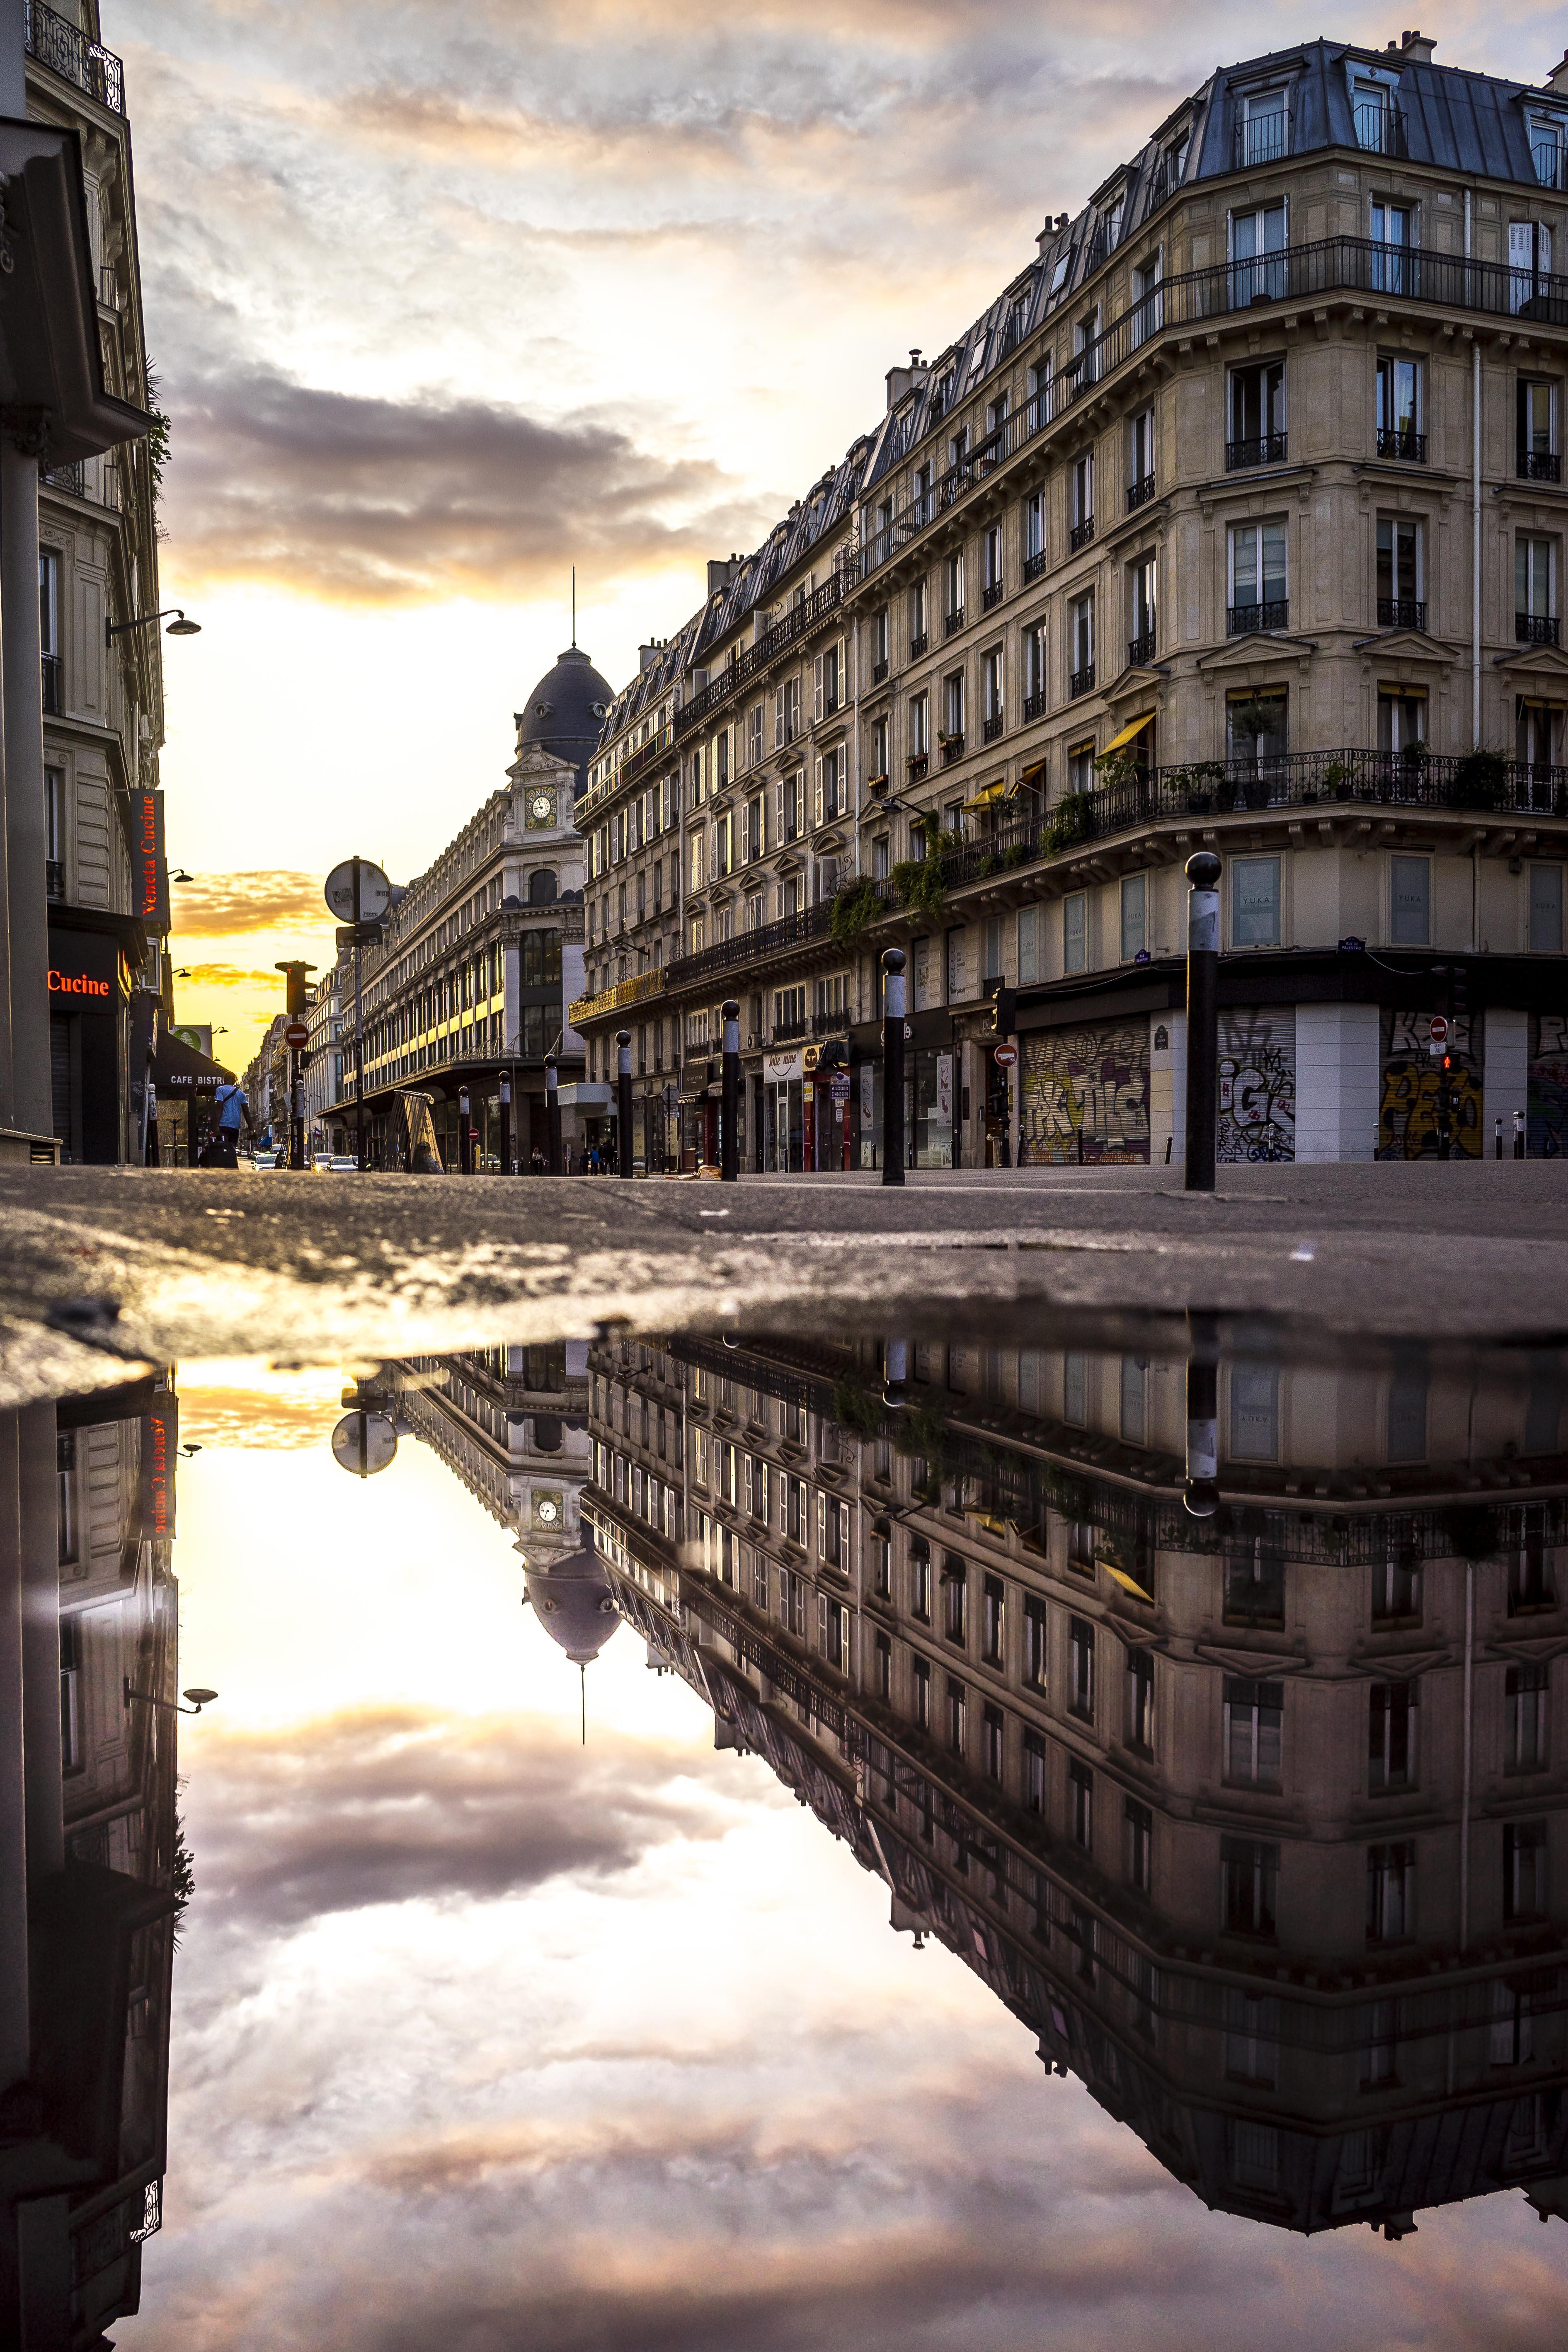 Paris, France - Rue de Réaumur at sunset, 3